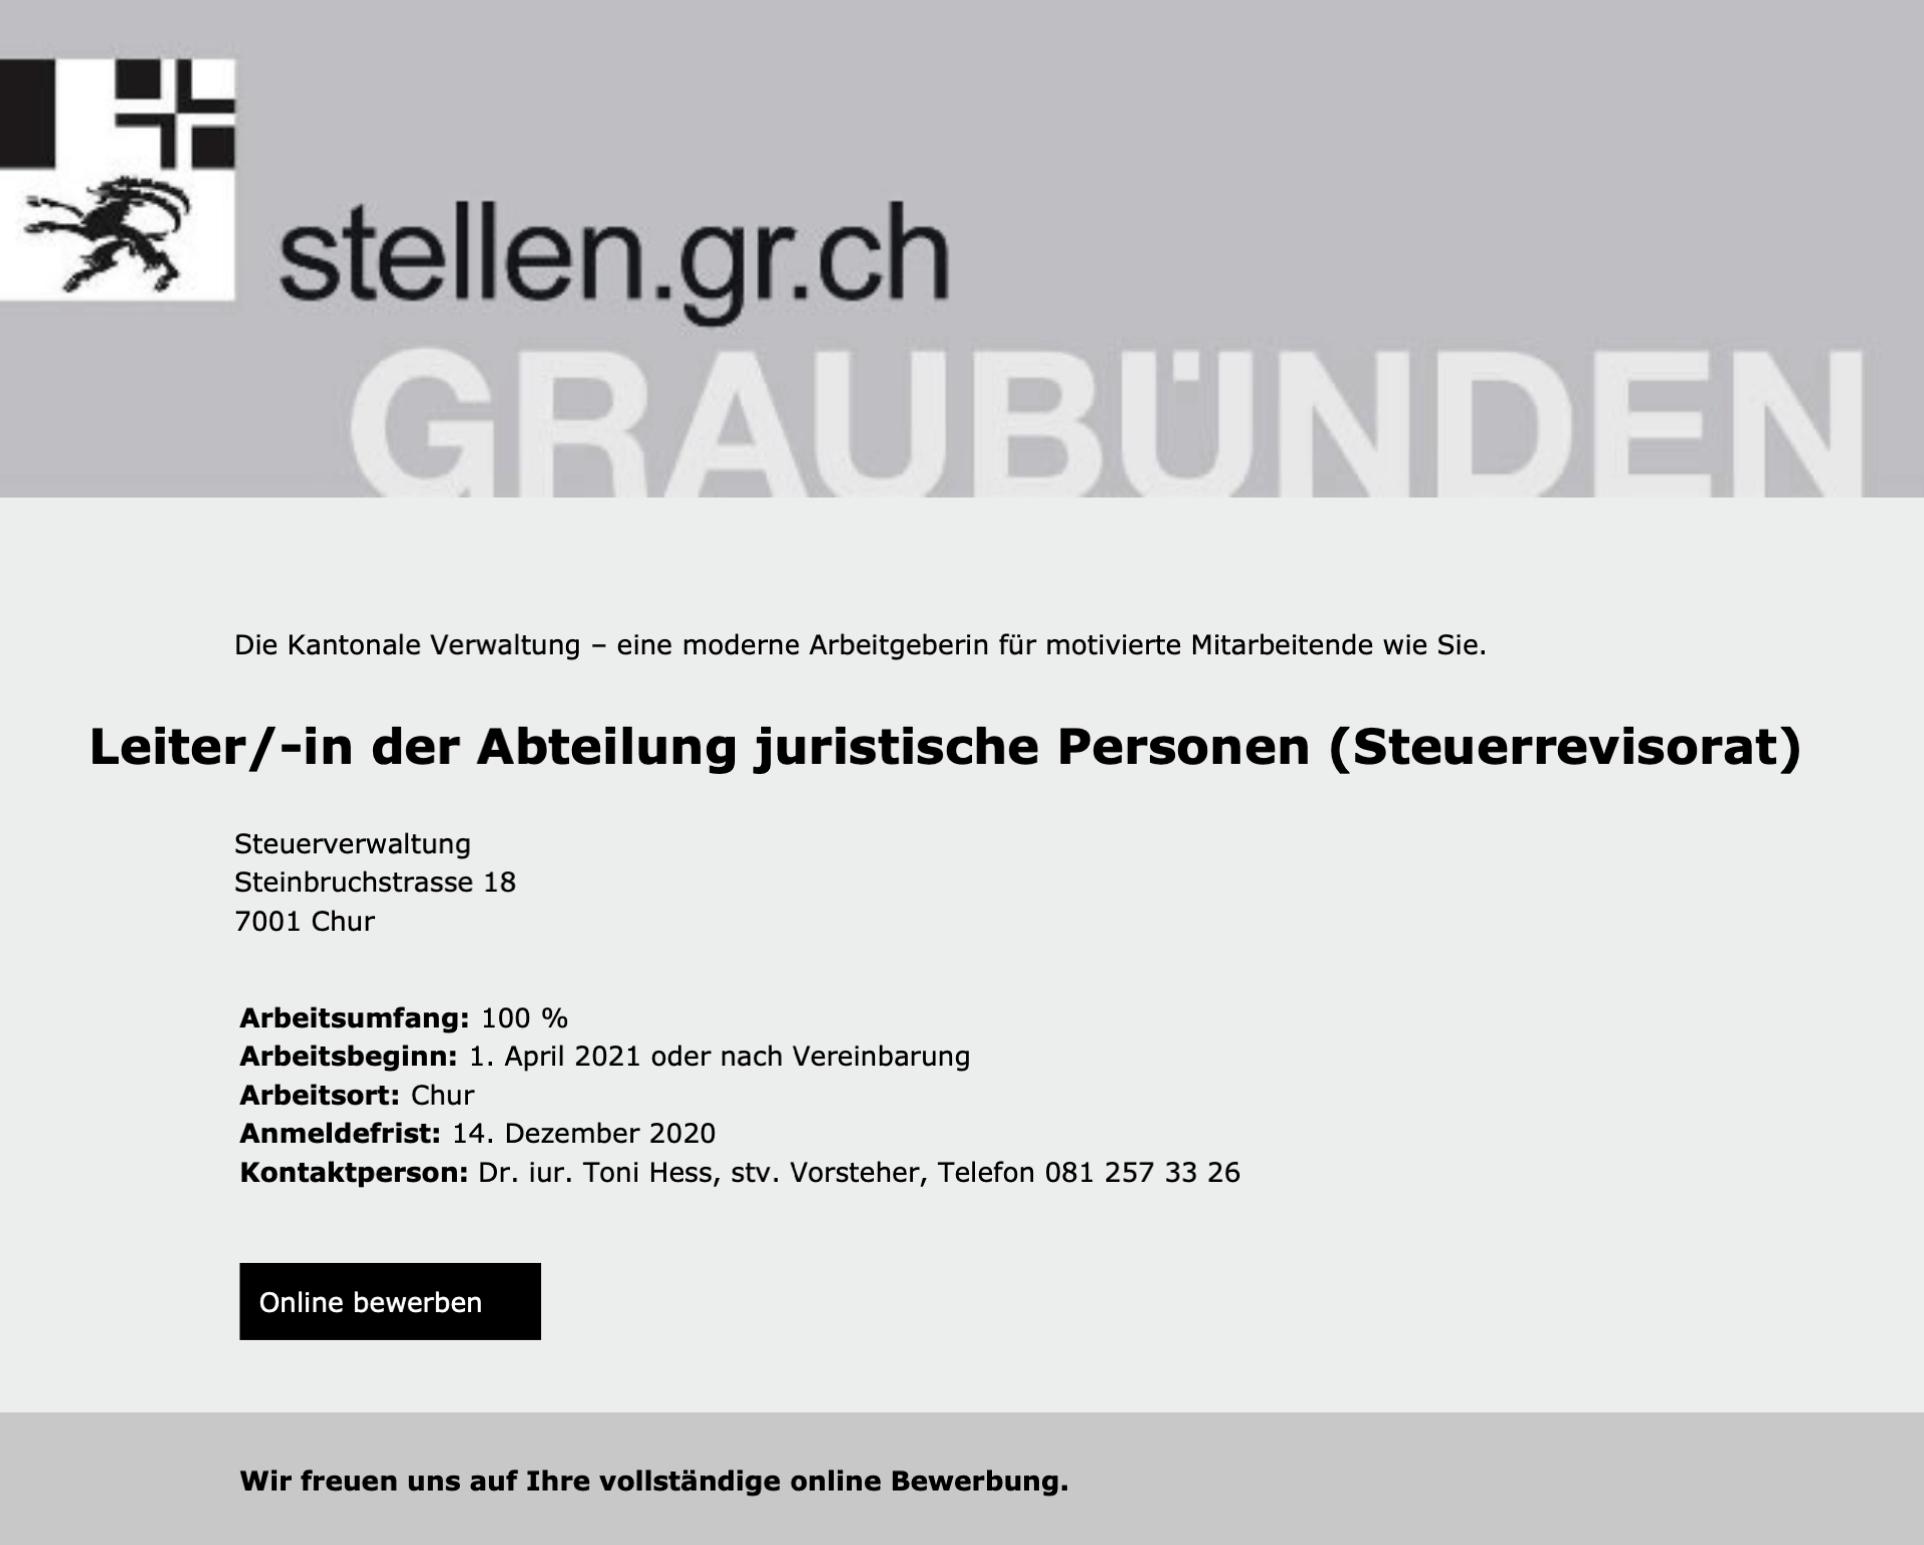 Leiter/-in der Abteilung juristische Personen (Steuerrevisorat) | Kantonale Steuerverwaltung Graubünden